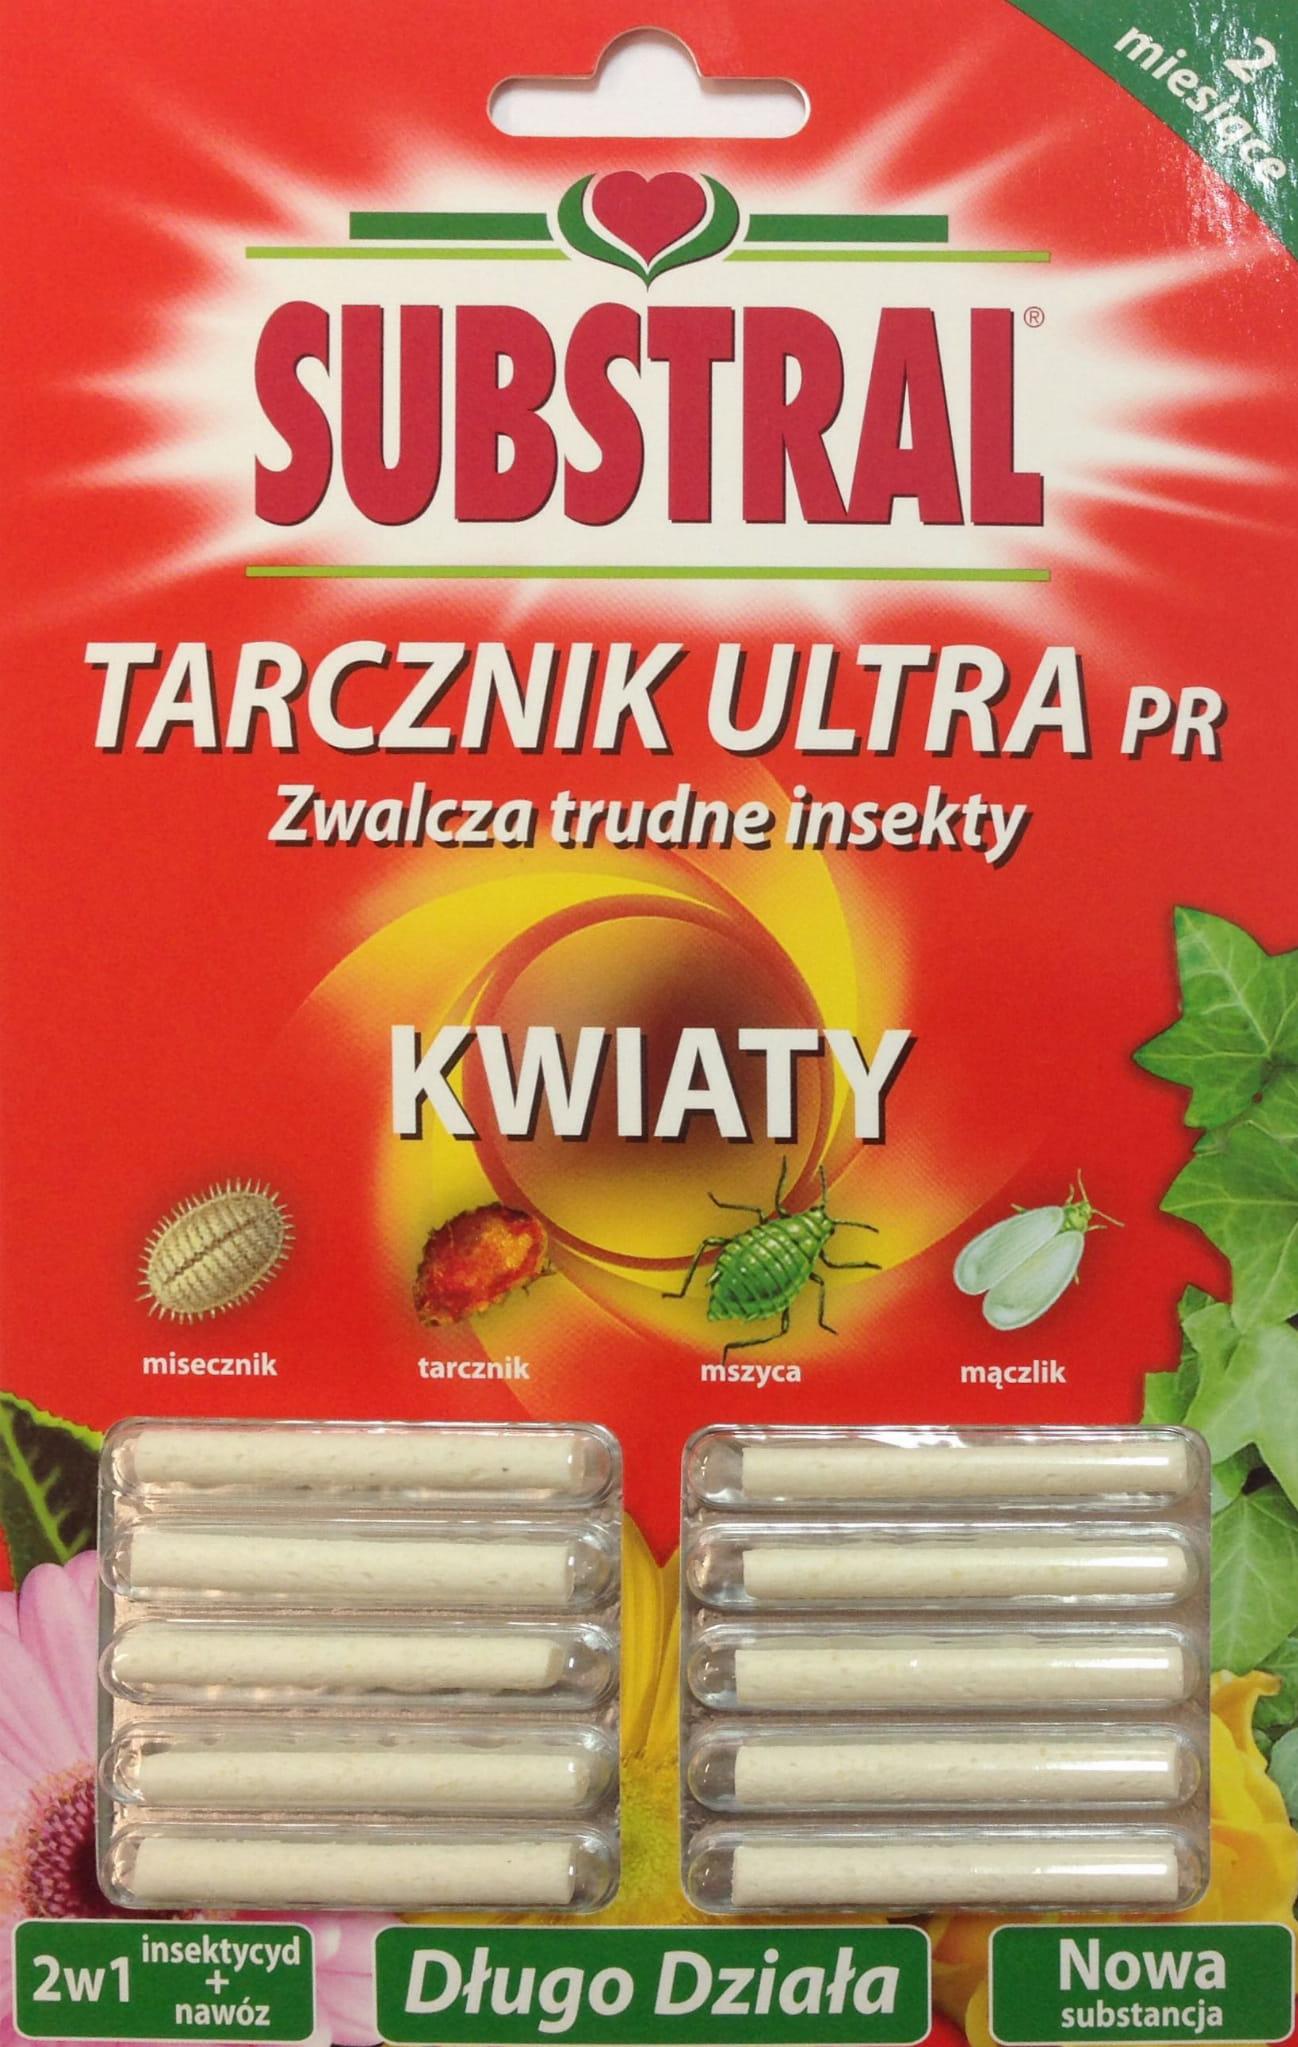 tarcznik ultra substral